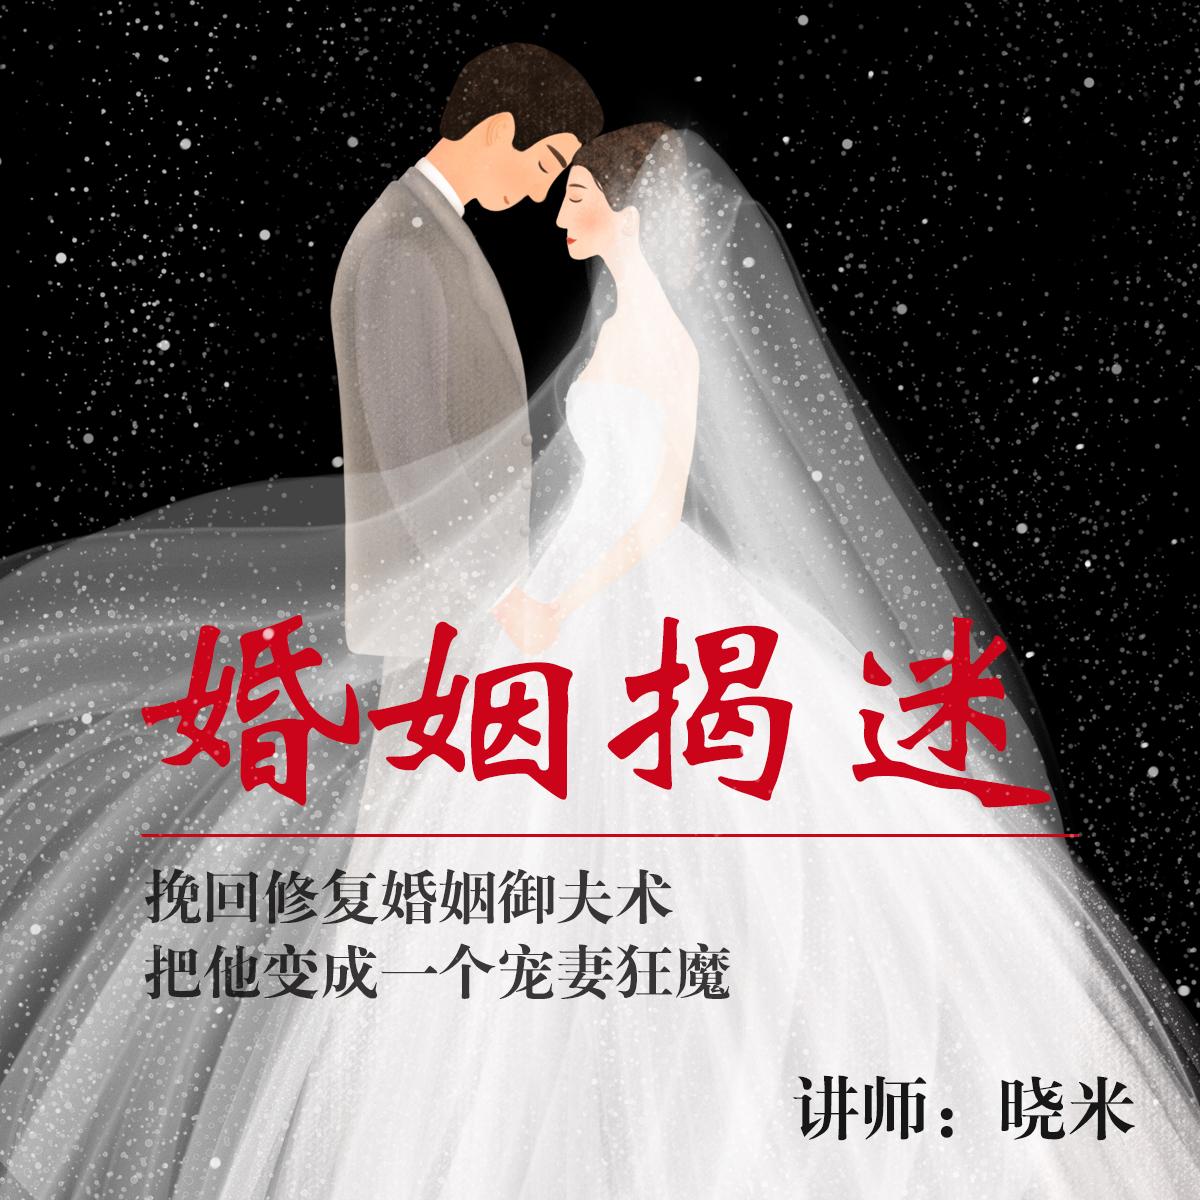 婚姻揭迷挽回爱情修复婚姻御夫术